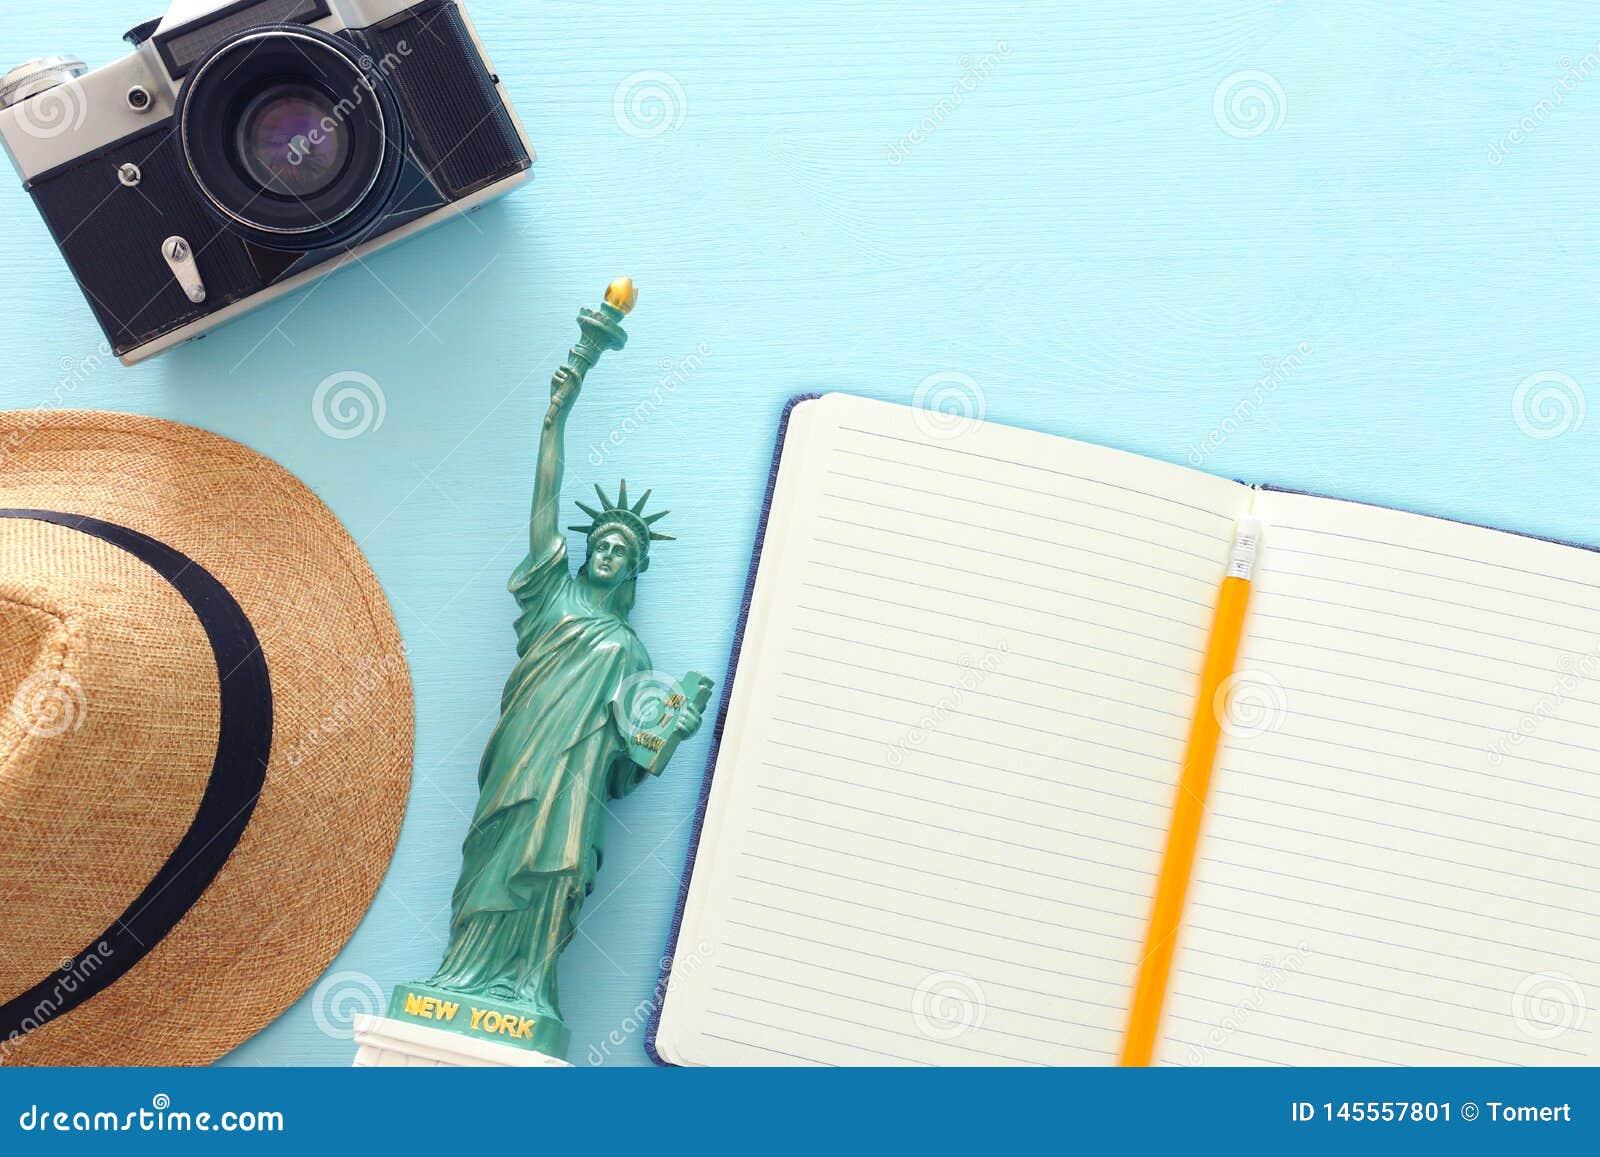 与美国标志自由女神像和空白的笔记本的旅行概念背景的